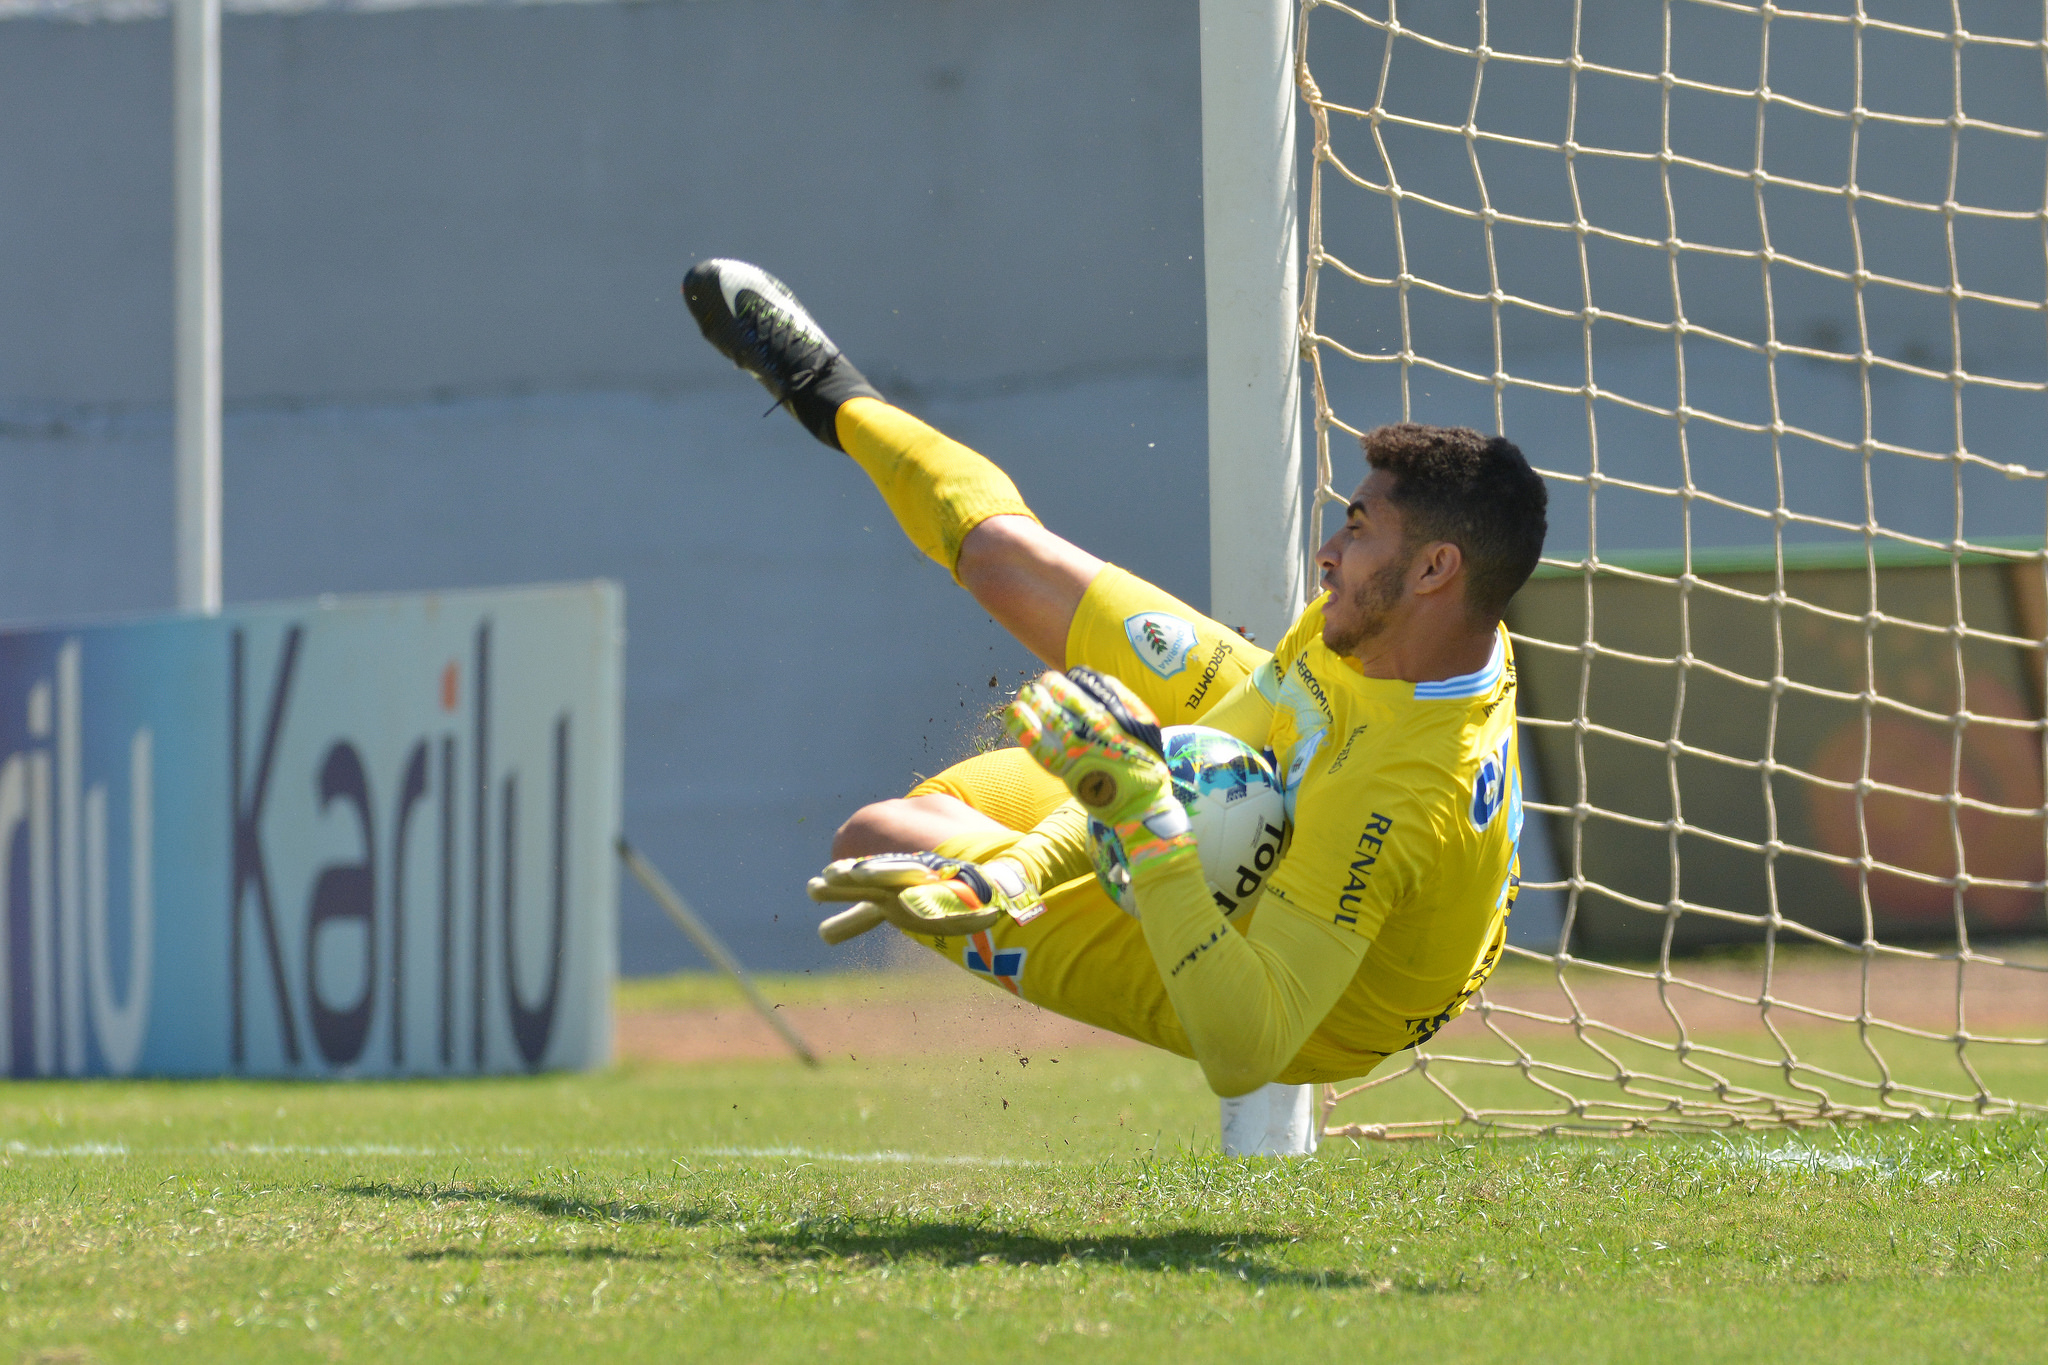 César está no LEC desde 2014. Foto: Gustavo Oliveira/Londrina Esporte Clube